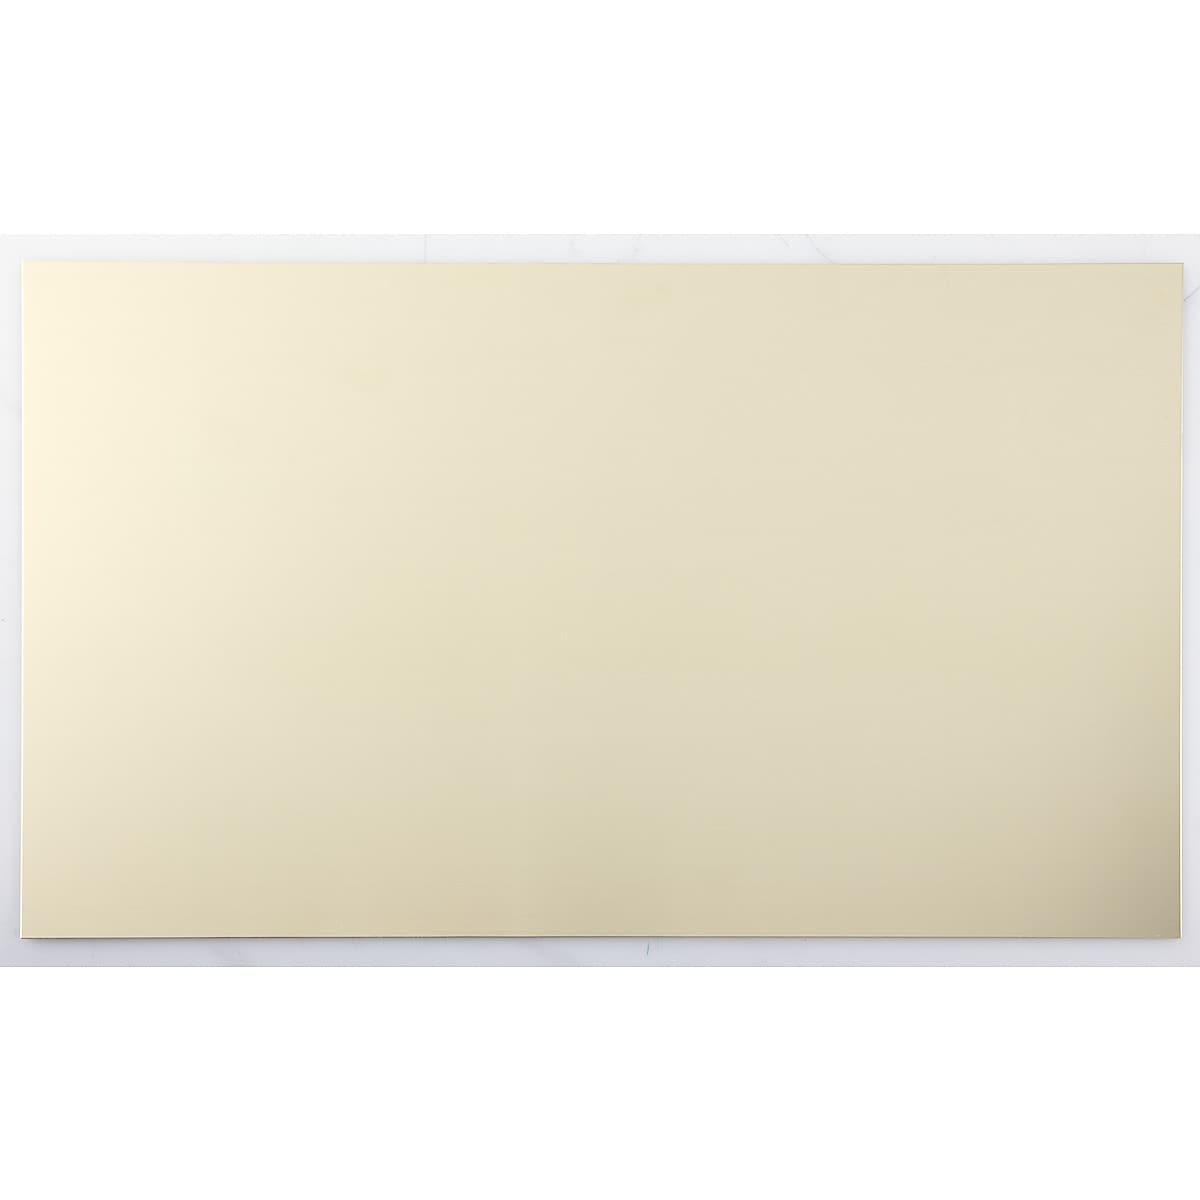 Brass Sheet,